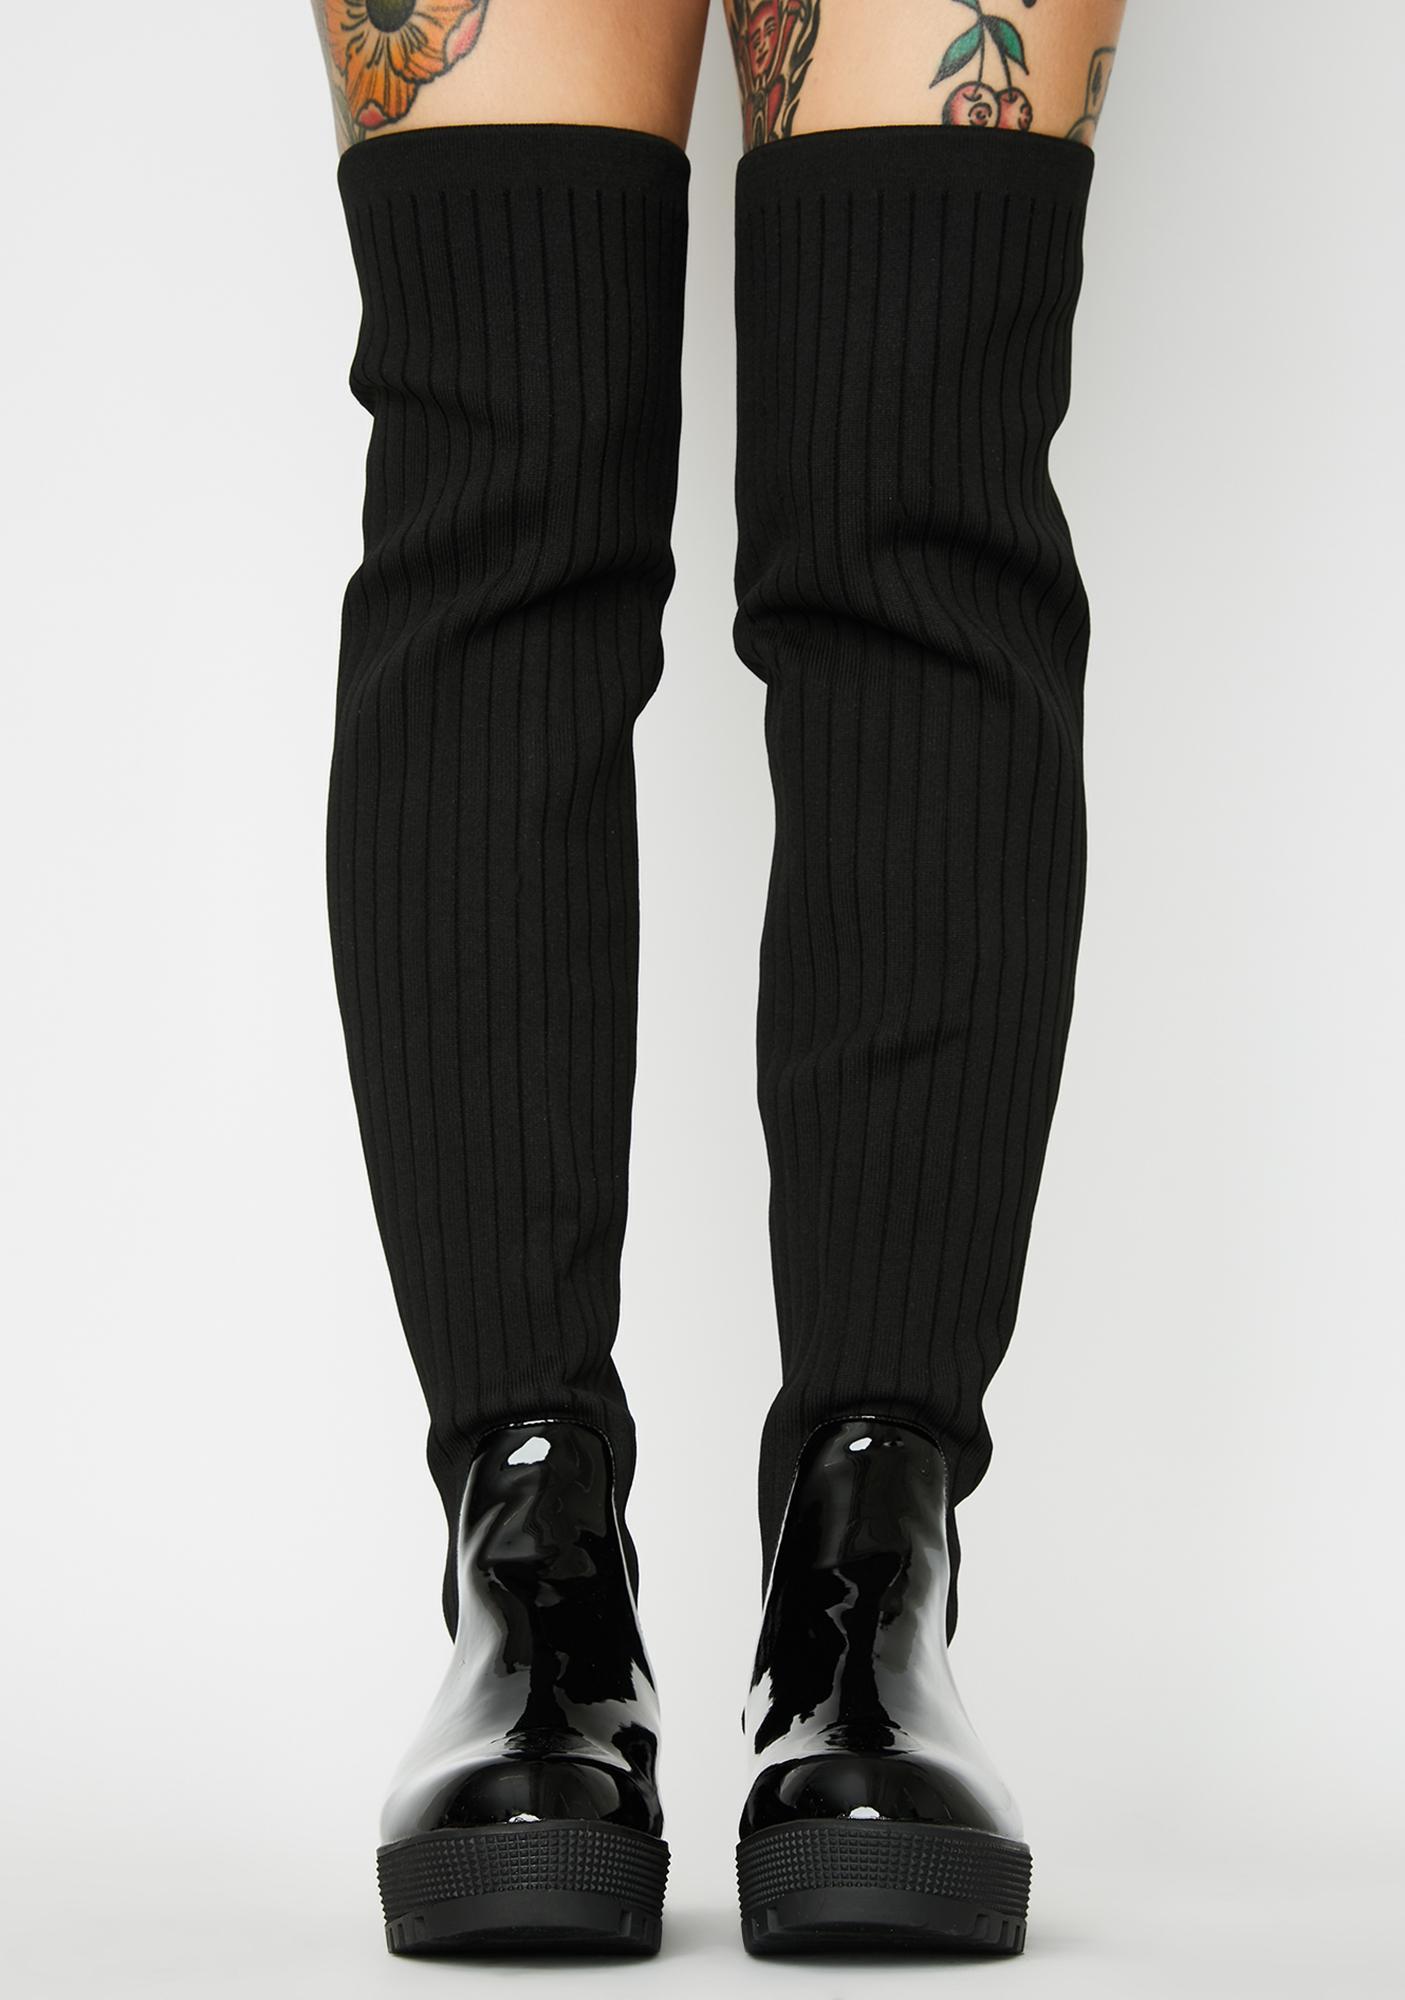 Baddie Bae Knee High Boots